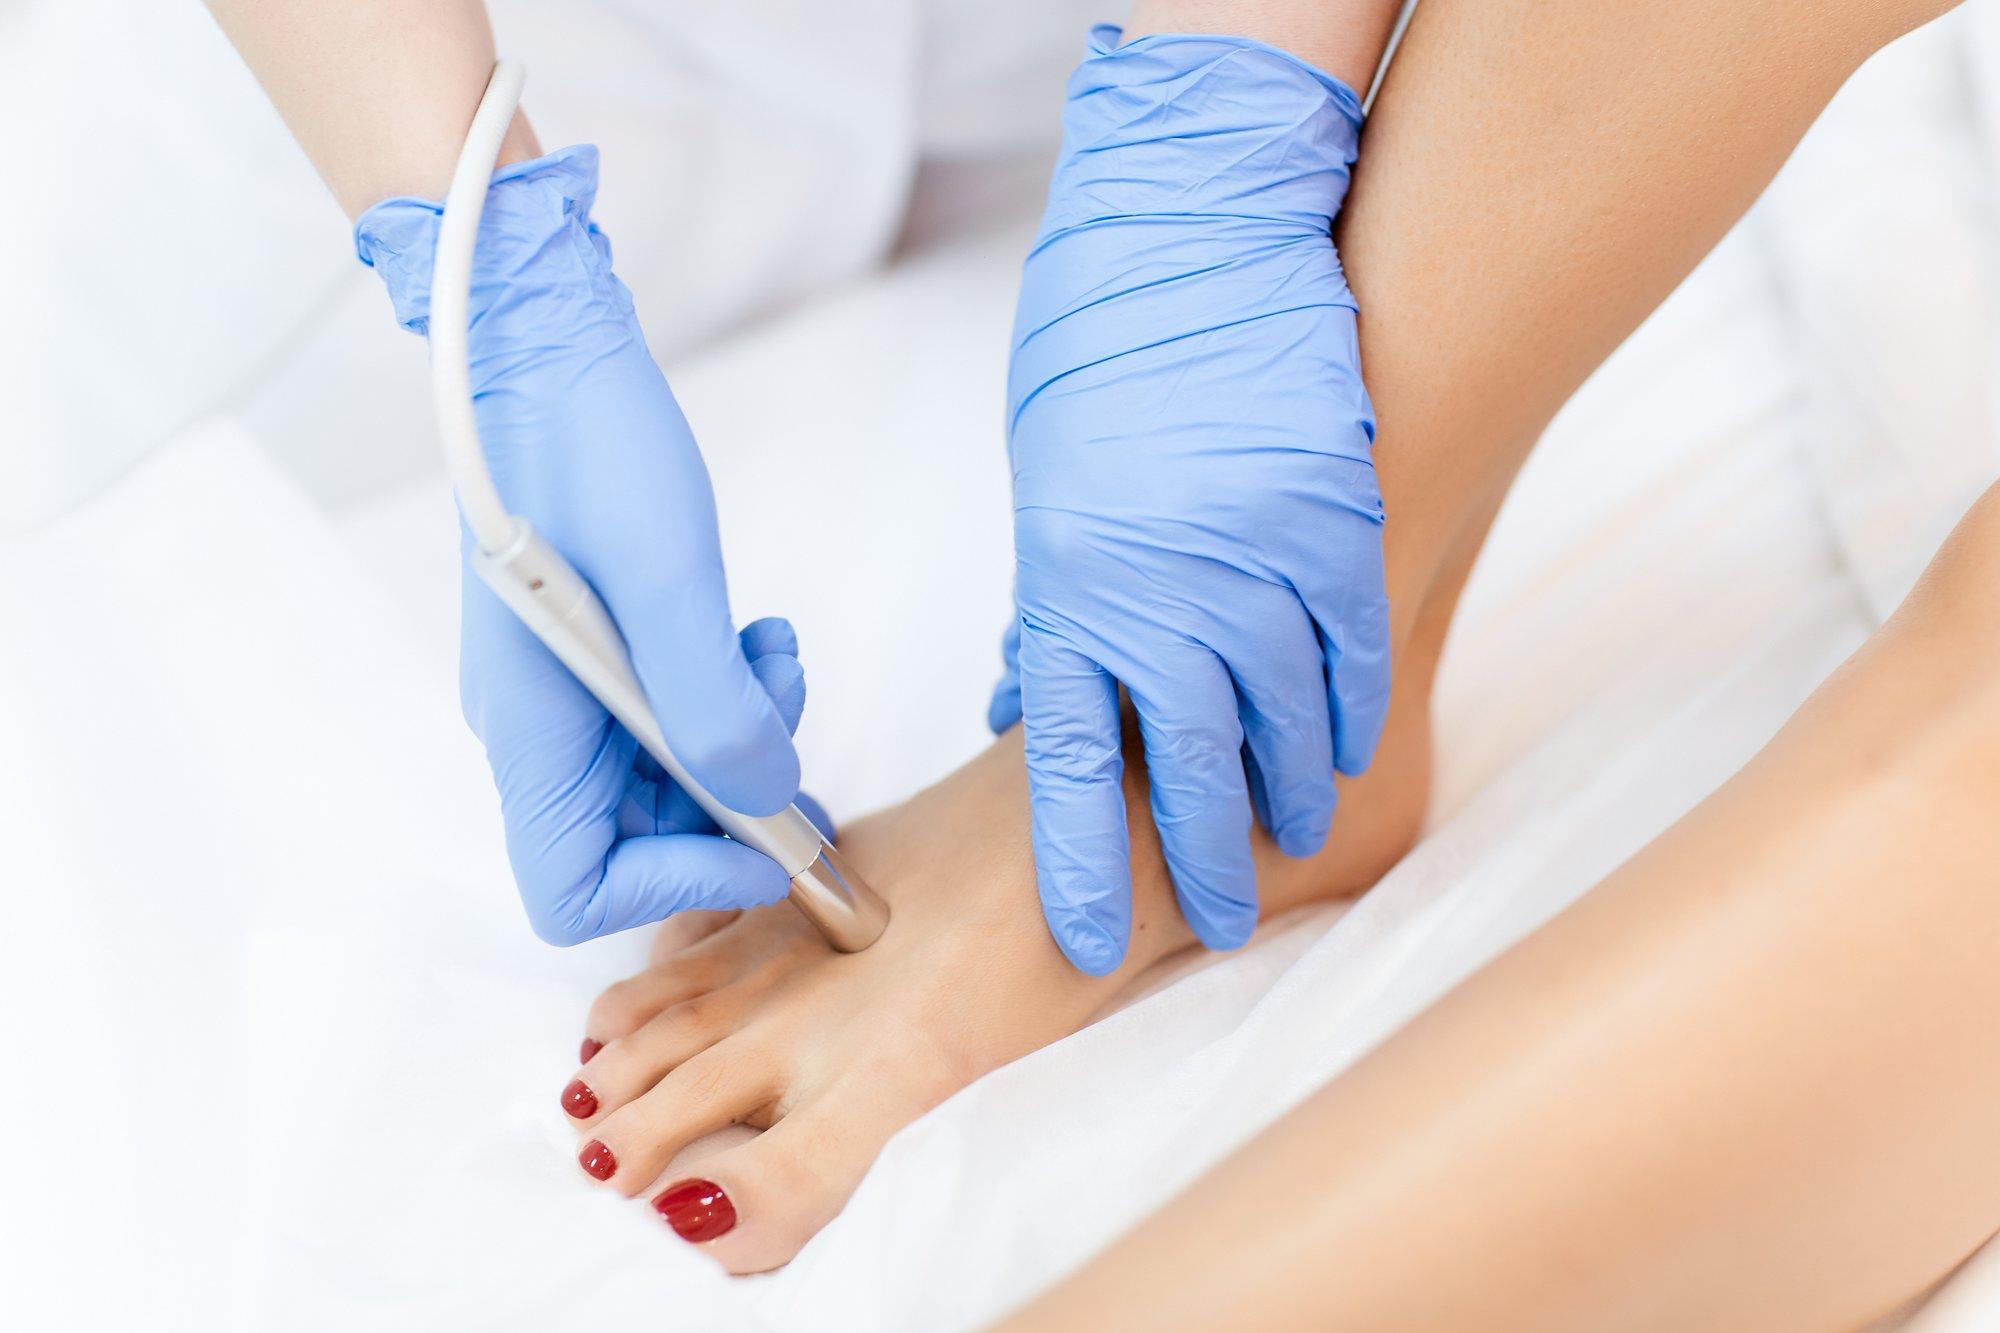 травмы коленного сустава лечение